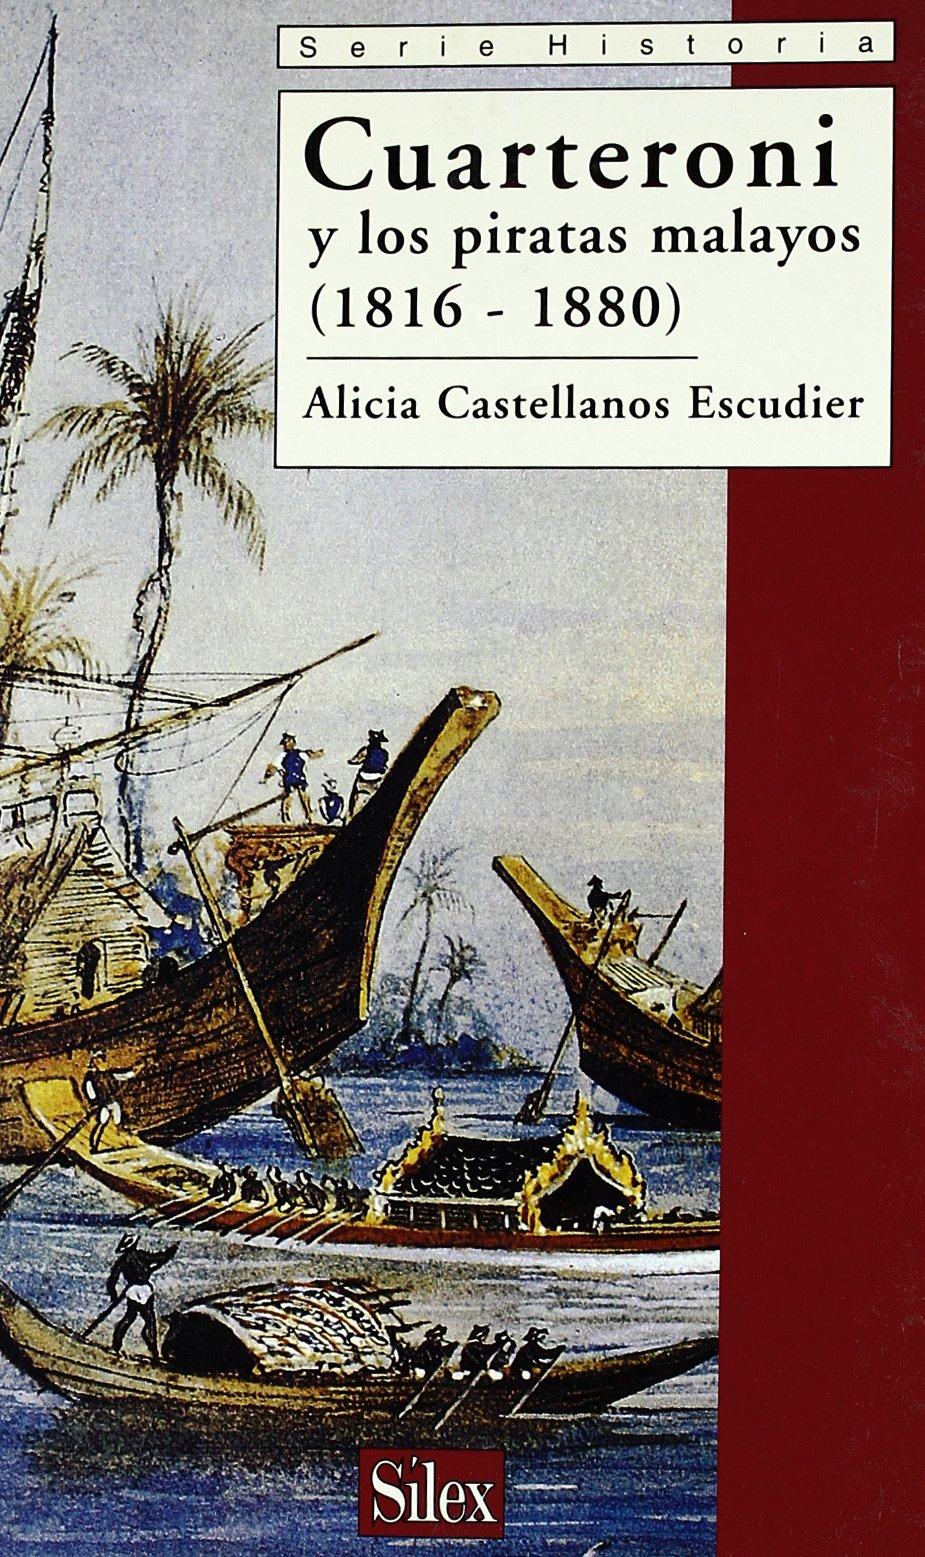 Cuarteroni y los piratas y los piratas malayos 1816-1880 (Serie historia) Tapa blanda – 2 may 2004 Alicia Castellanos Escudier SÍLEX EDICIONES S.L. 8477371431